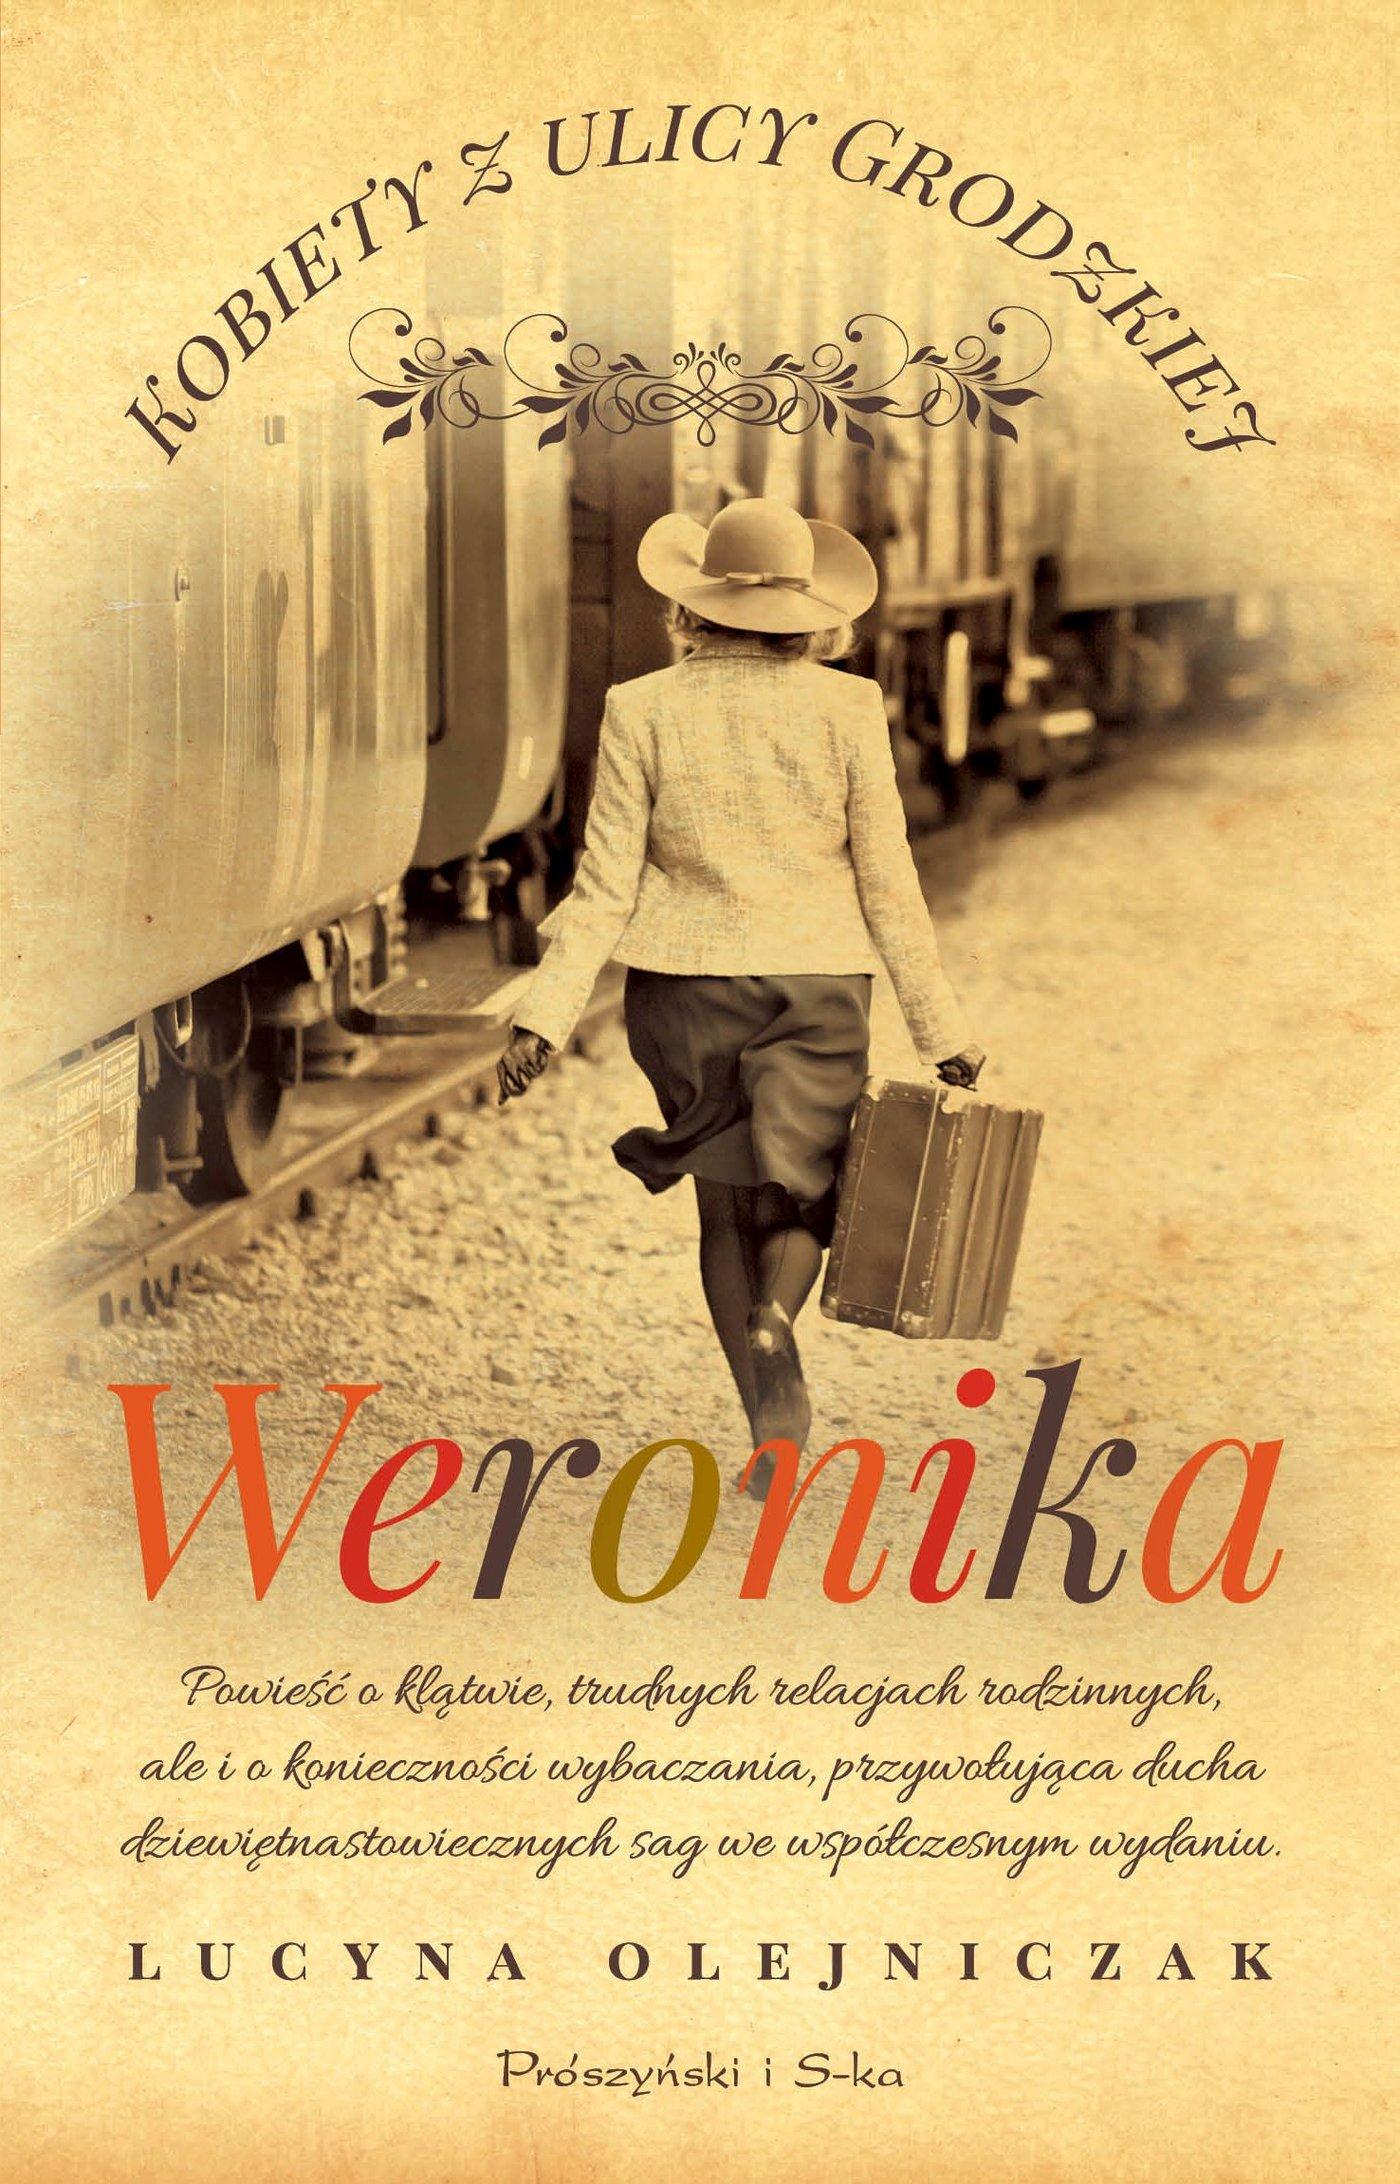 Kobiety z ulicy Grodzkiej. Weronika - Ebook (Książka na Kindle) do pobrania w formacie MOBI